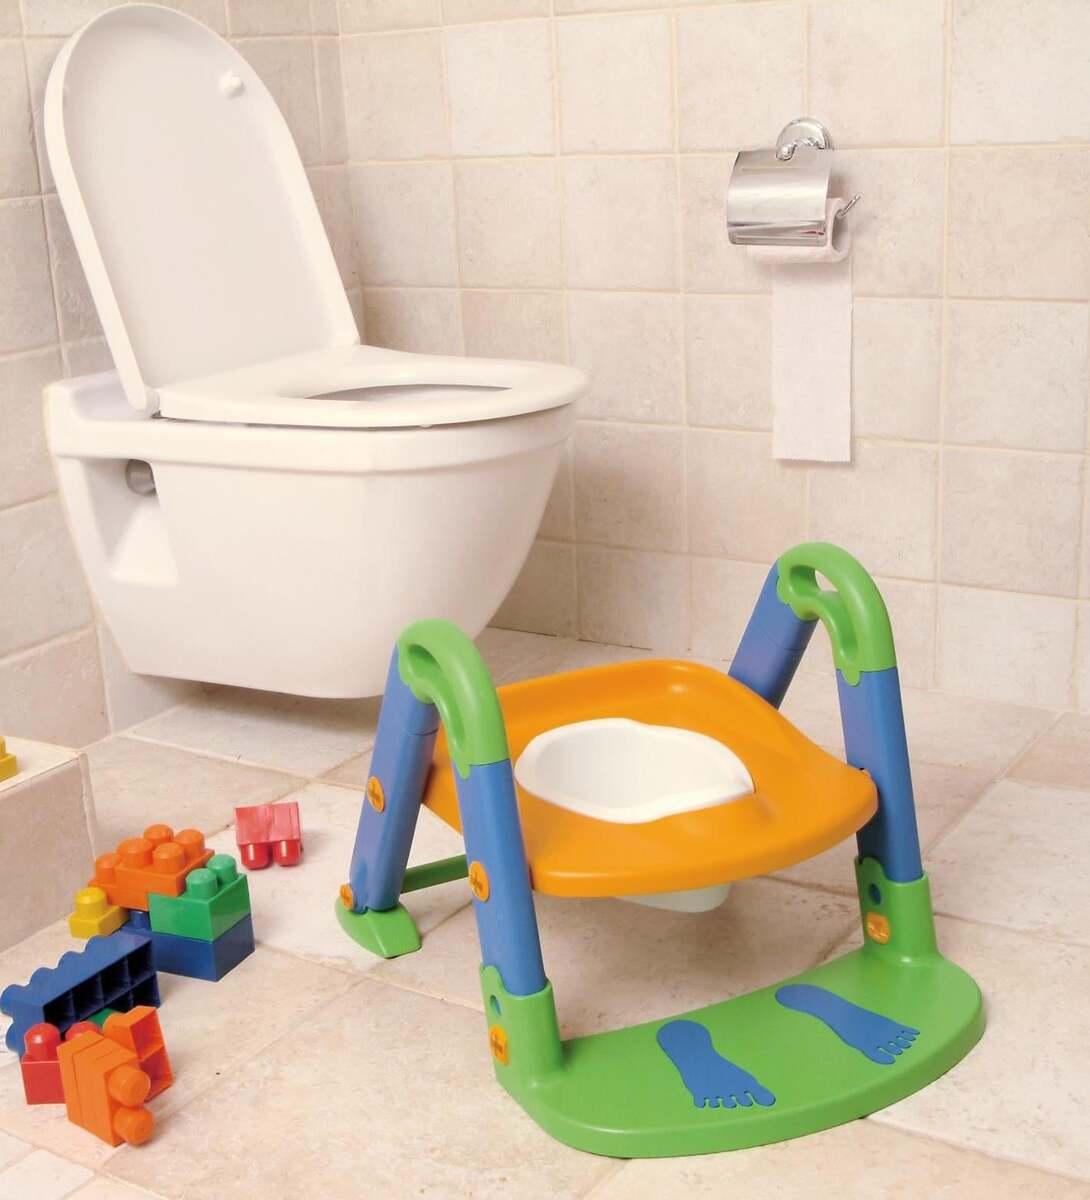 Bild 3 von KidsKit 3 in 1 Toilettensitz/-Trainer